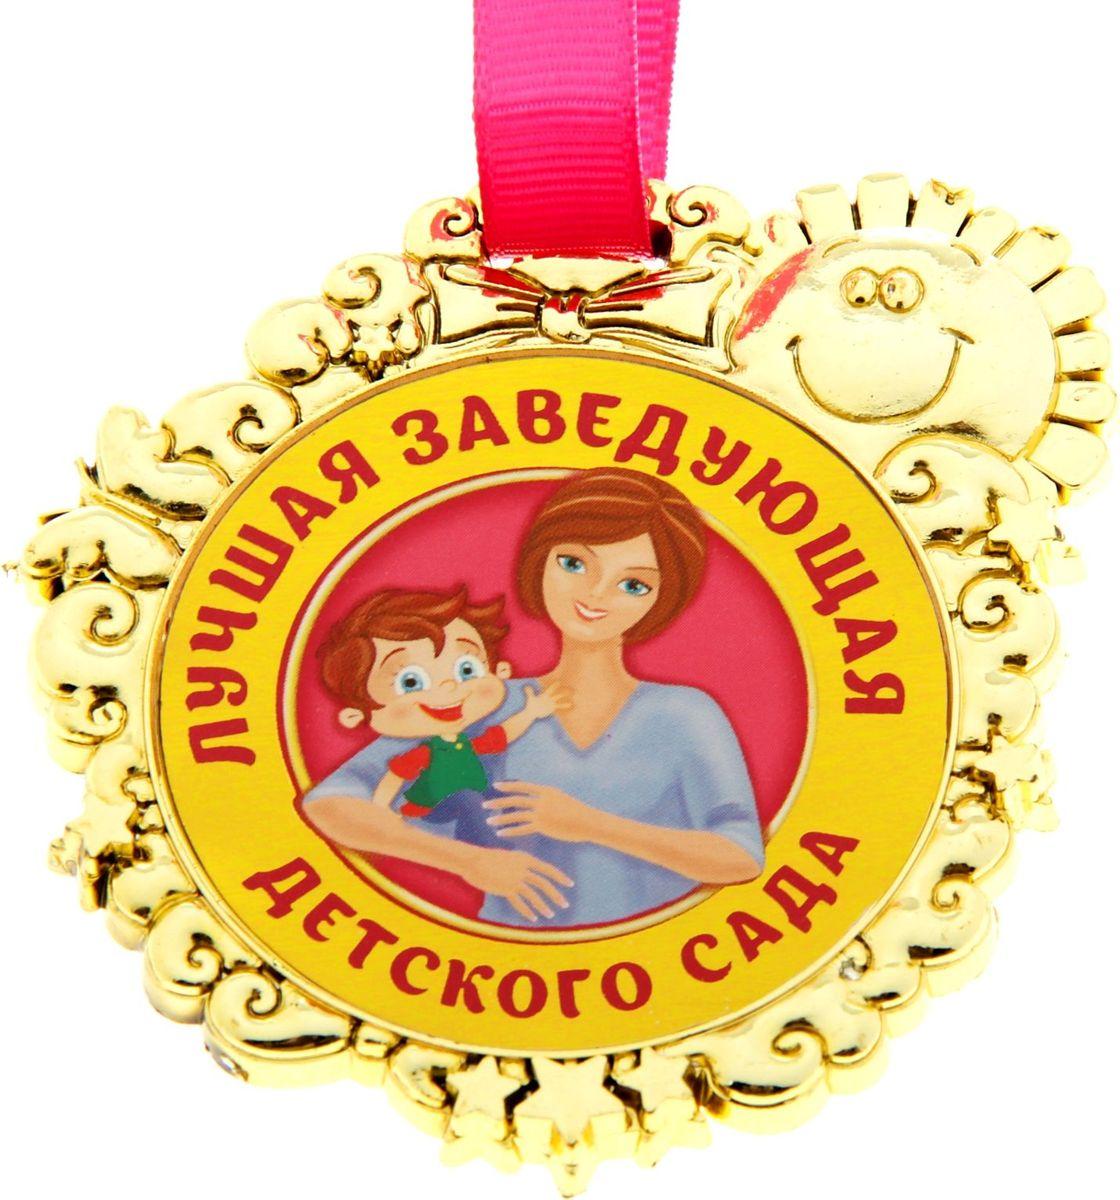 Медаль сувенирная Лучшая заведующая детского сада, 6,5 х 6,7 см837429Красочная медаль в золотом цвете для награждение как самих детишек так и их воспитателей во время проведения конкурсов, утренников, открытых занятий с участием родственников малышей. Медаль изготовлена из пластика, с изображением солнца. Медаль идет в комплекте с яркой лентой. Продается на яркой подложке.